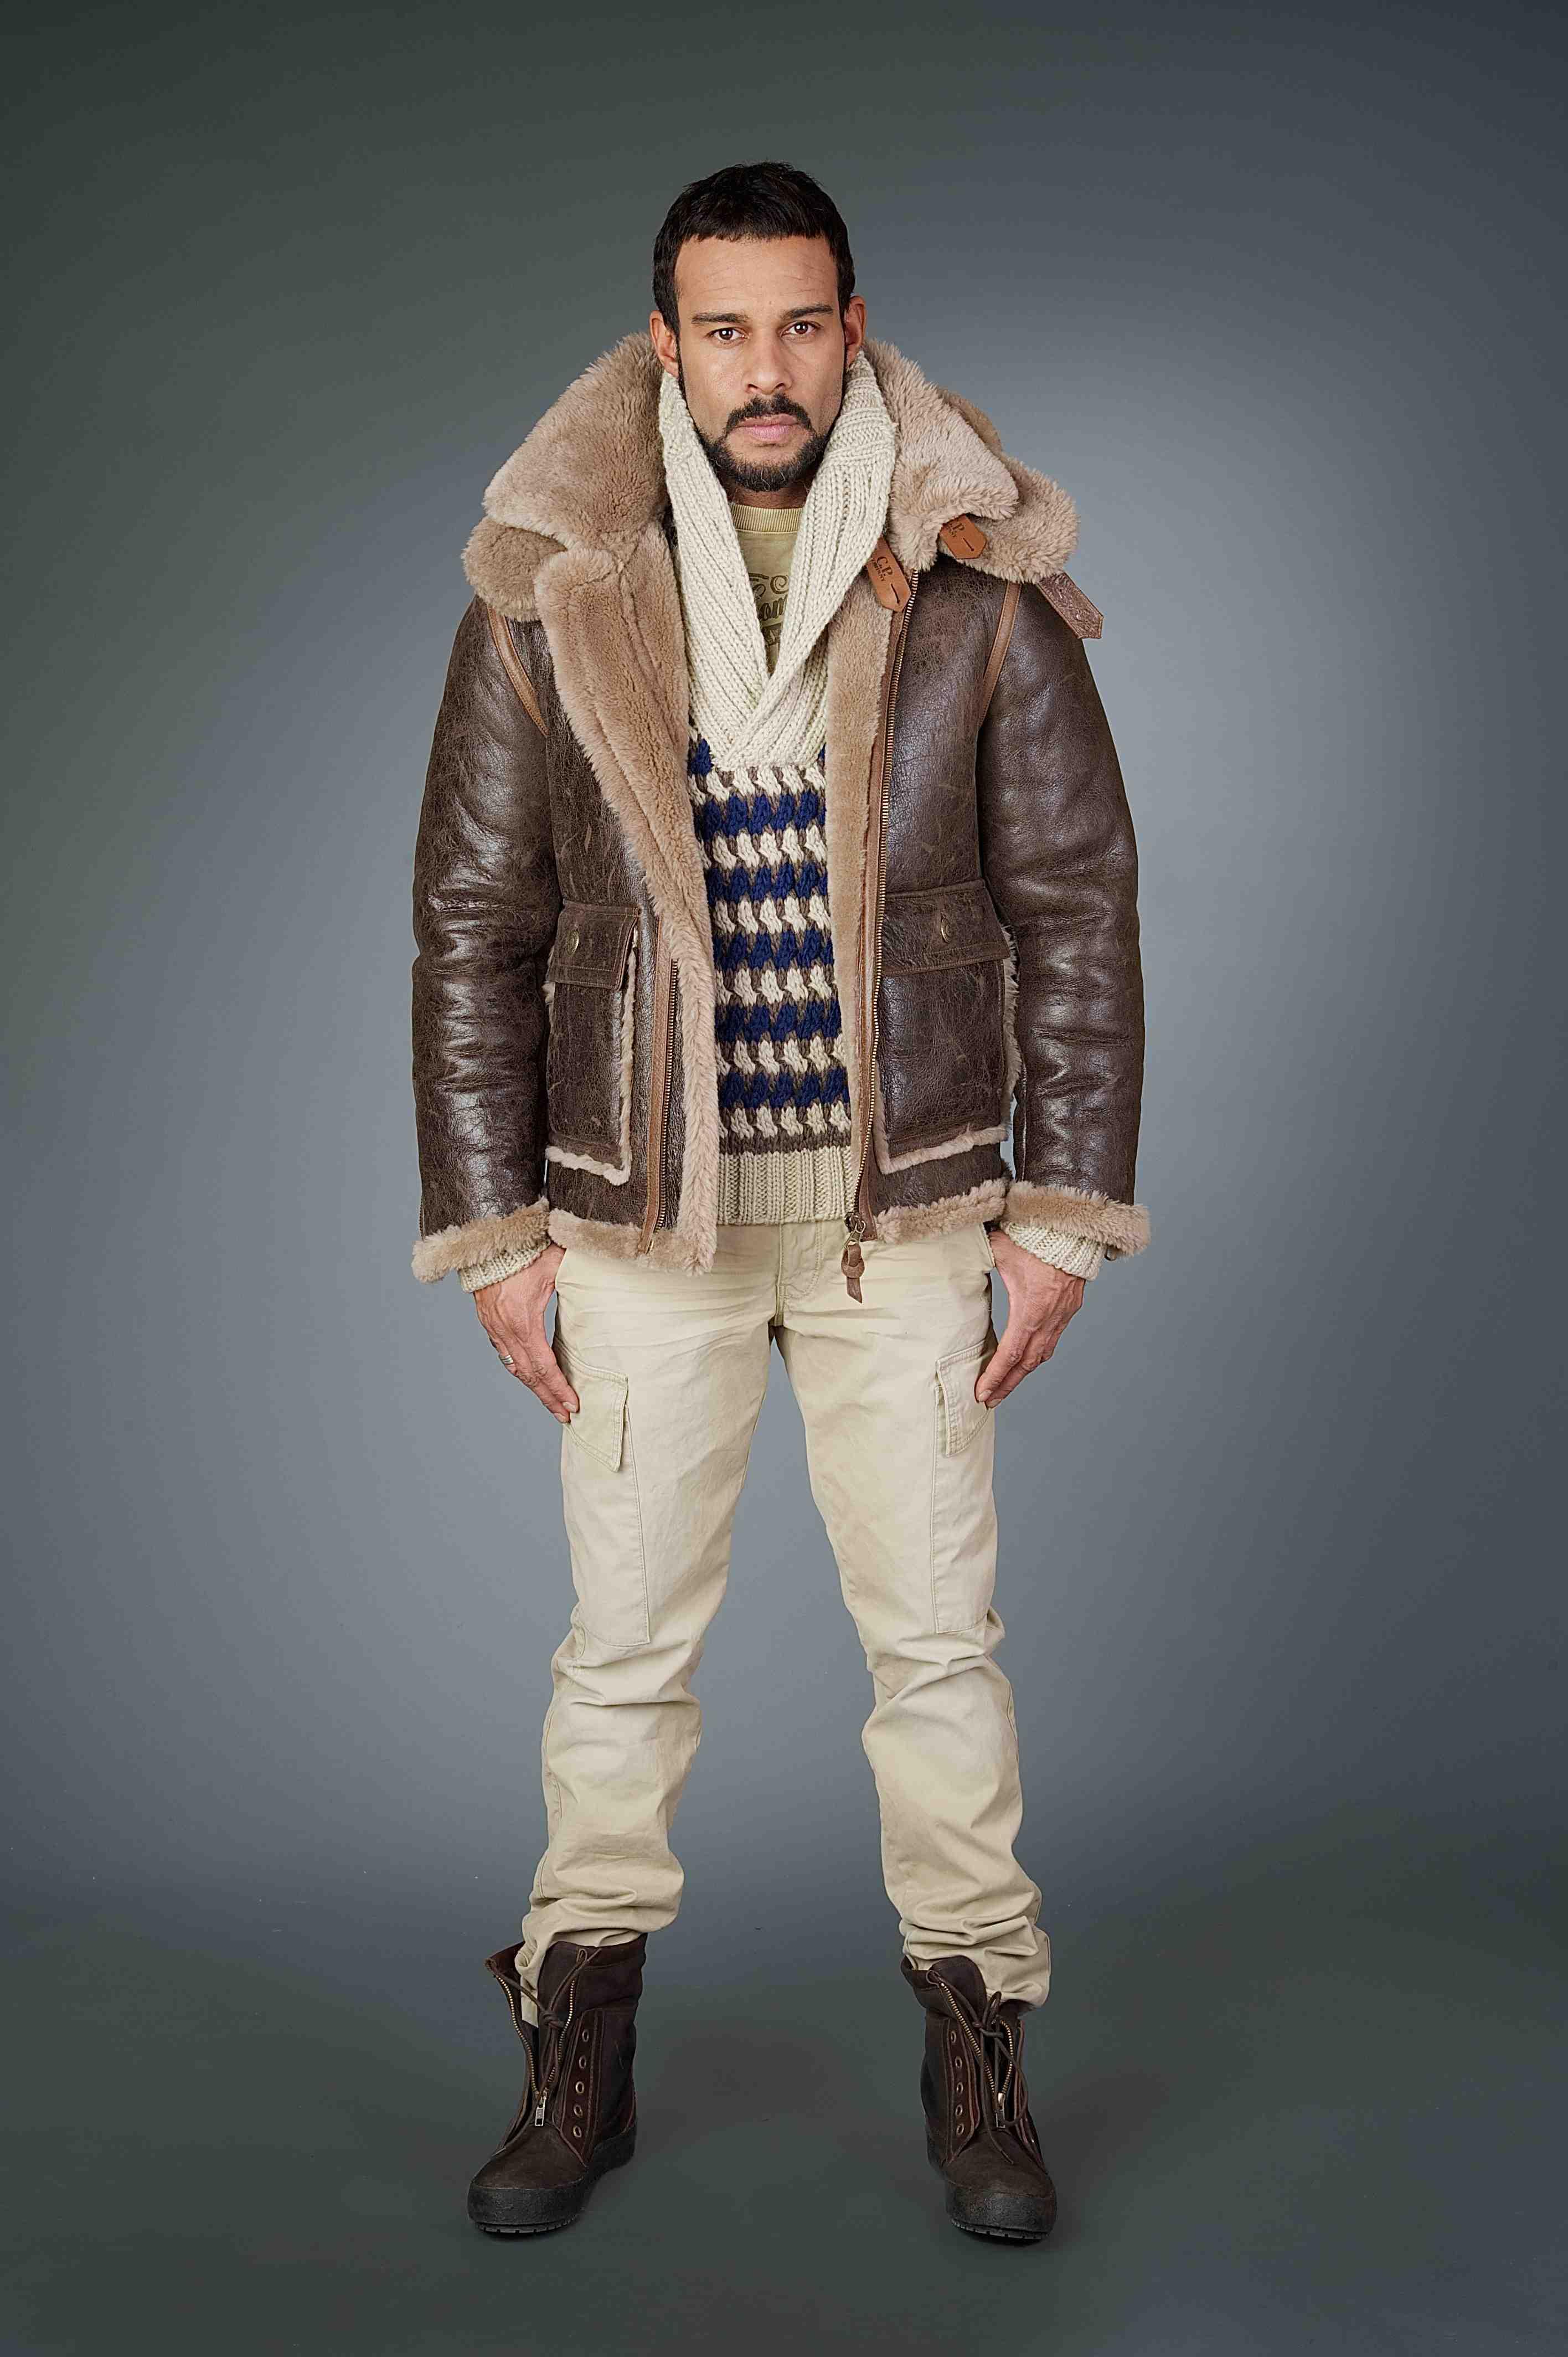 Look De Homme Résumées La Un Mode En Hiver 2012 Tendances Les Pqpxw7vgn